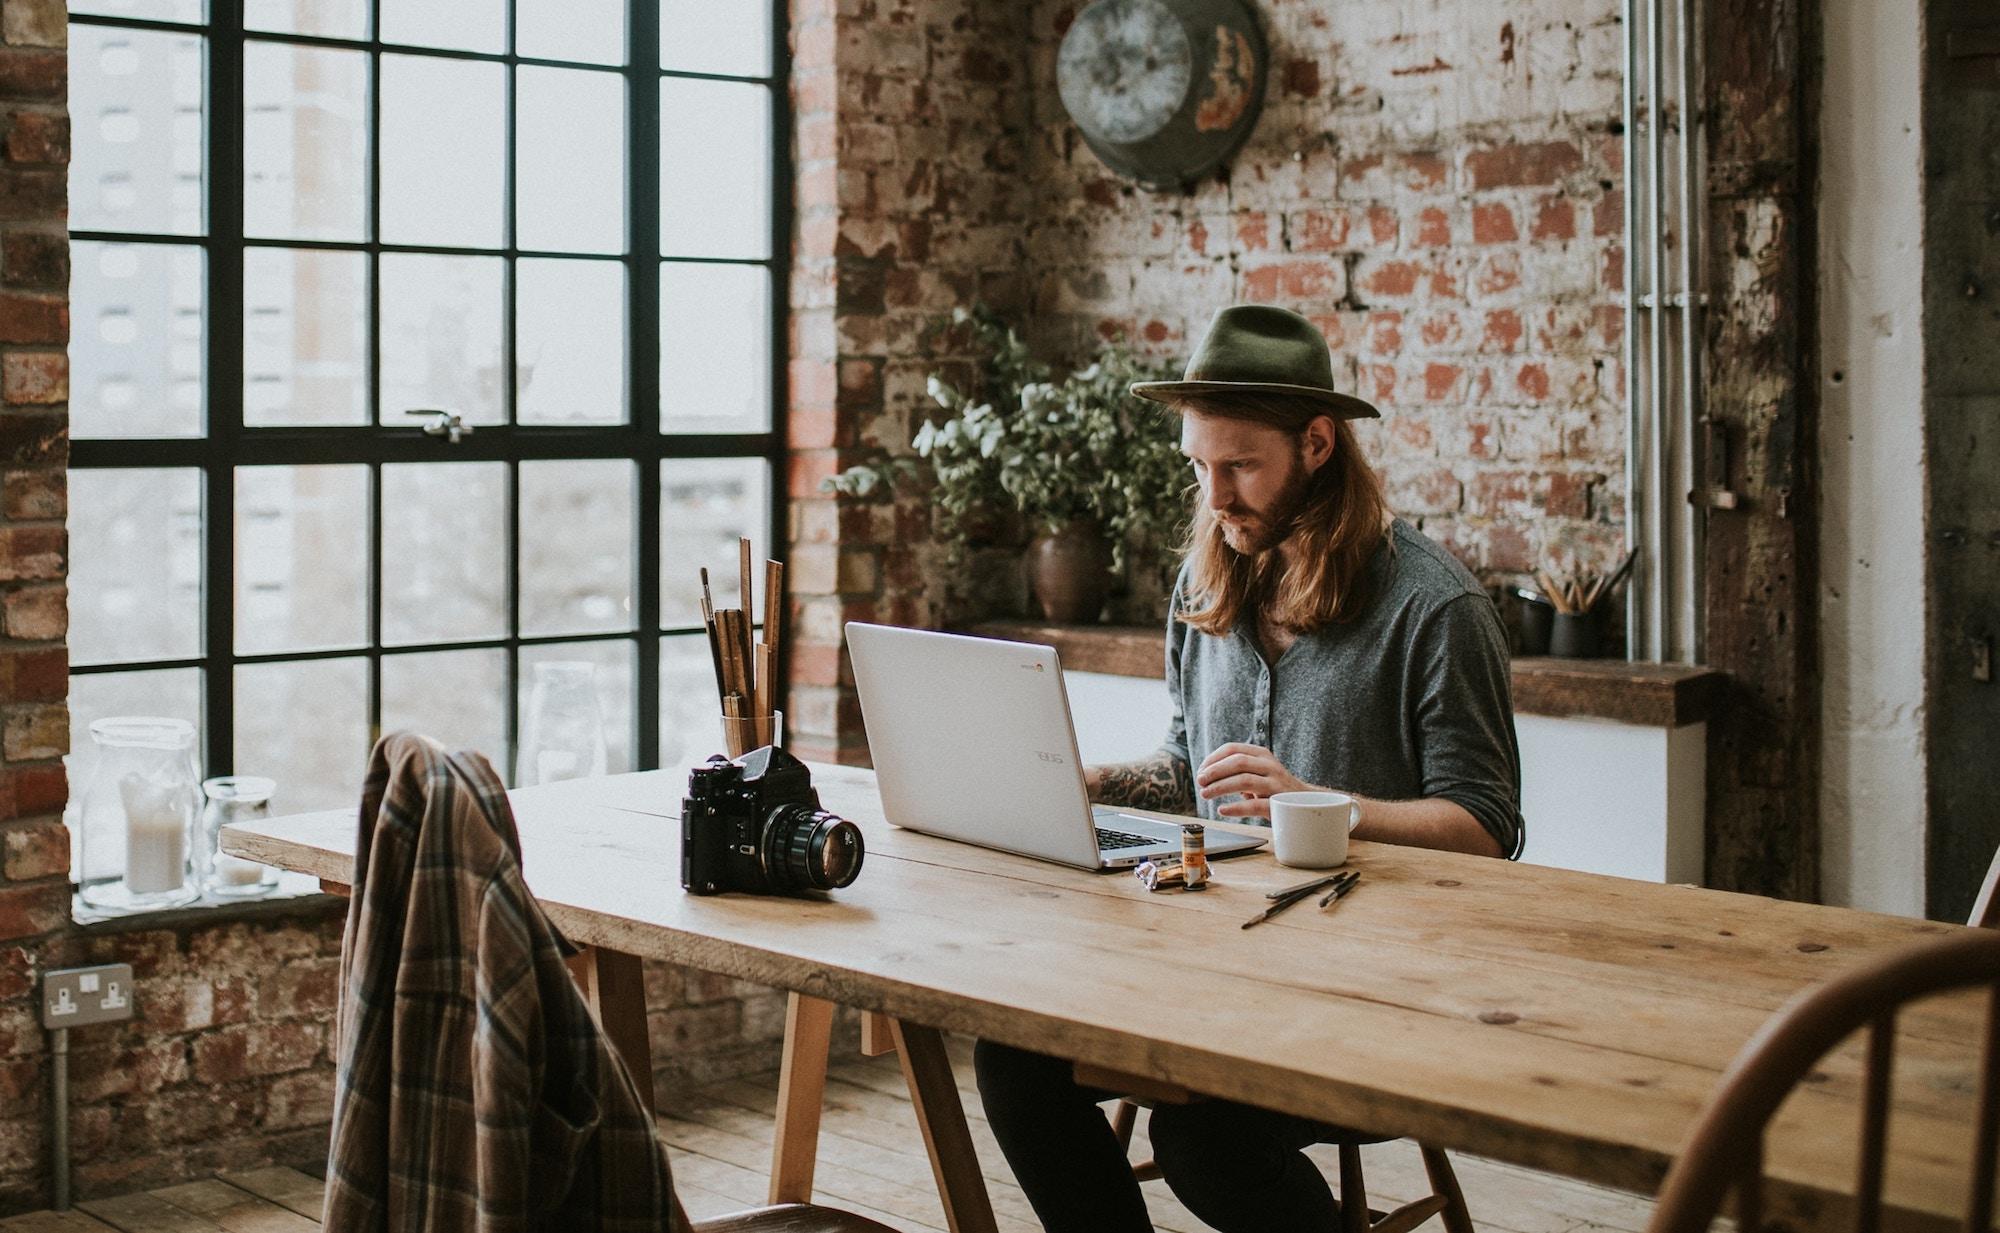 Естонія хоче запровадити новий вид візи для IT-фахівців